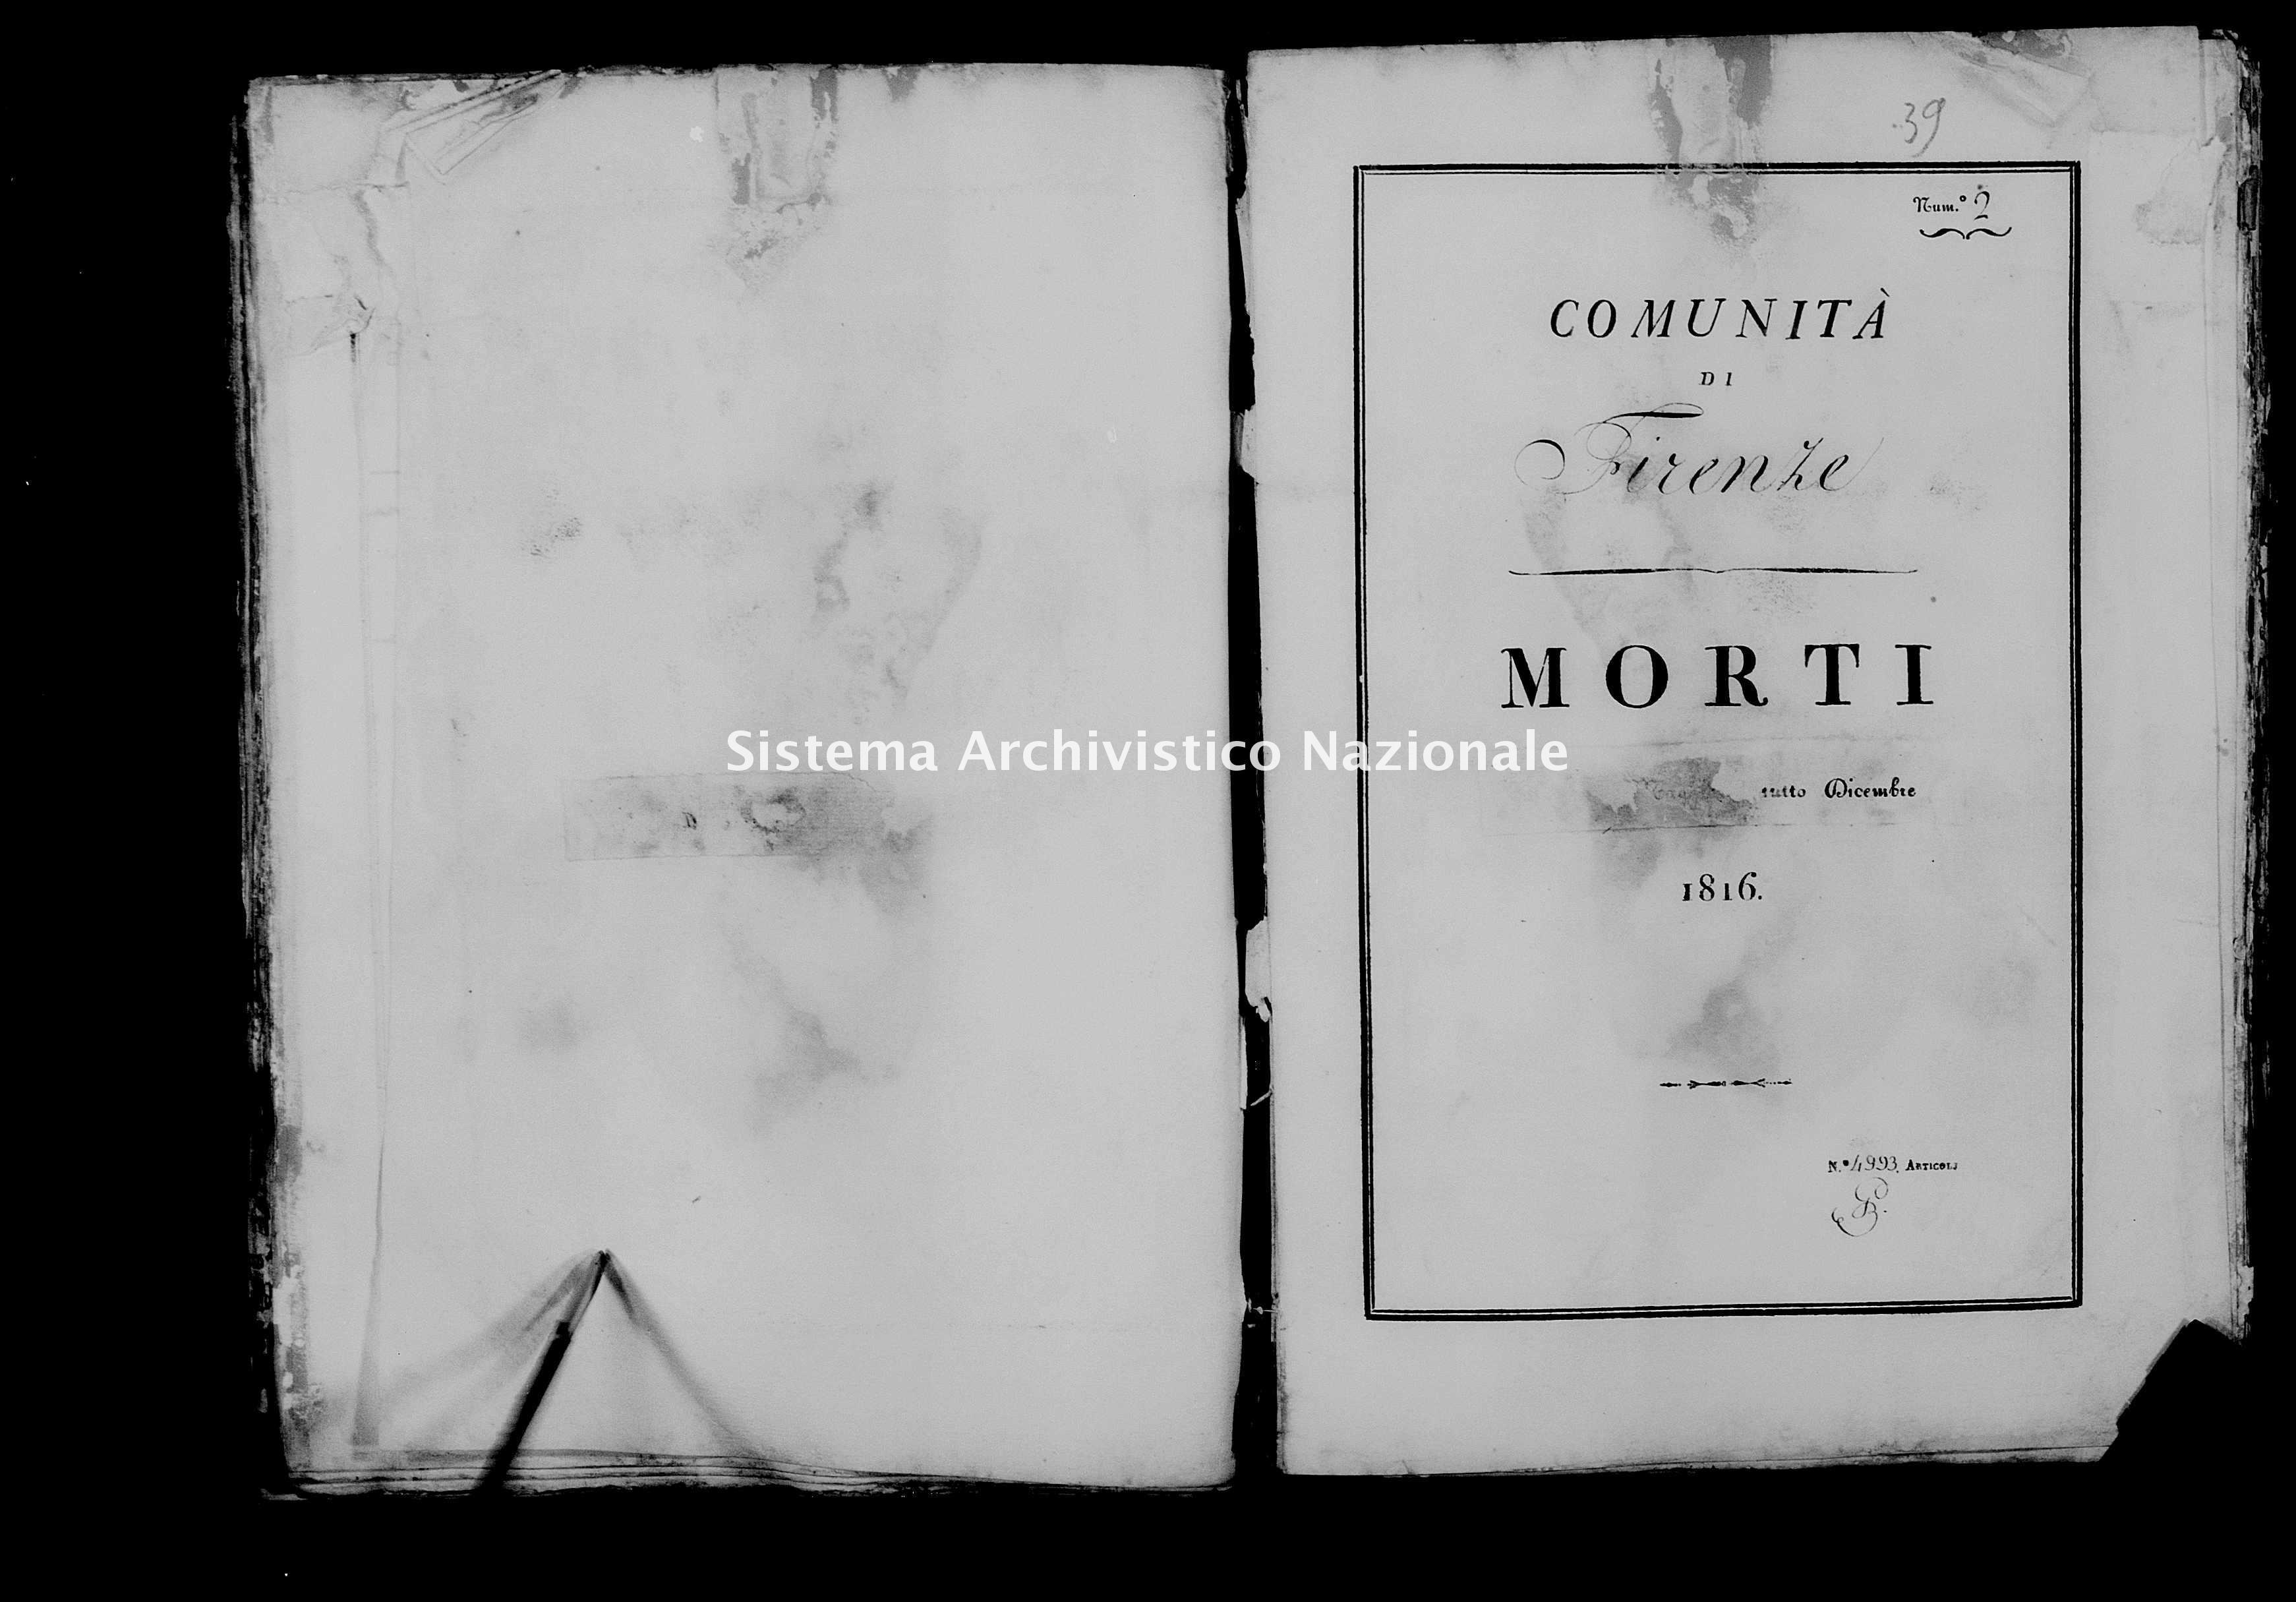 Archivio di stato di Firenze - Stato civile di Toscana (1808-1865) - Firenze - Morti - 1816 - 38 -